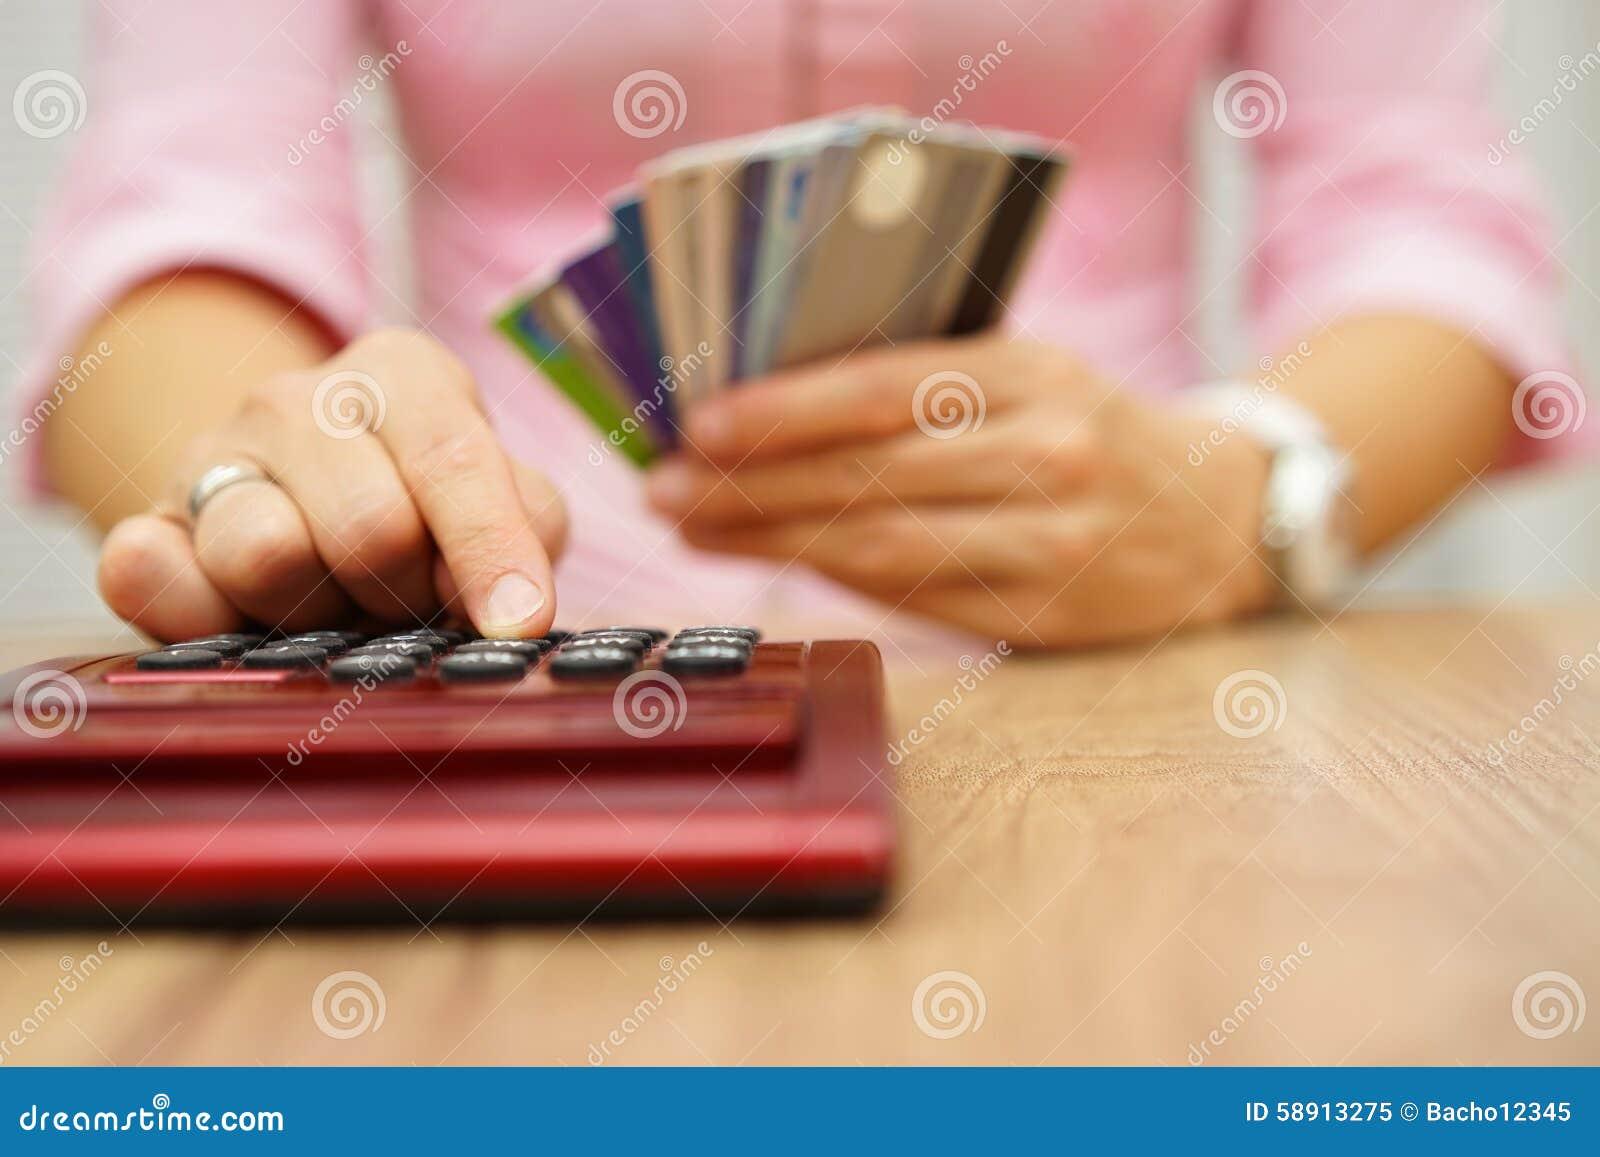 Женщина высчитывает насколько цена или траты имеет с кредитными карточками